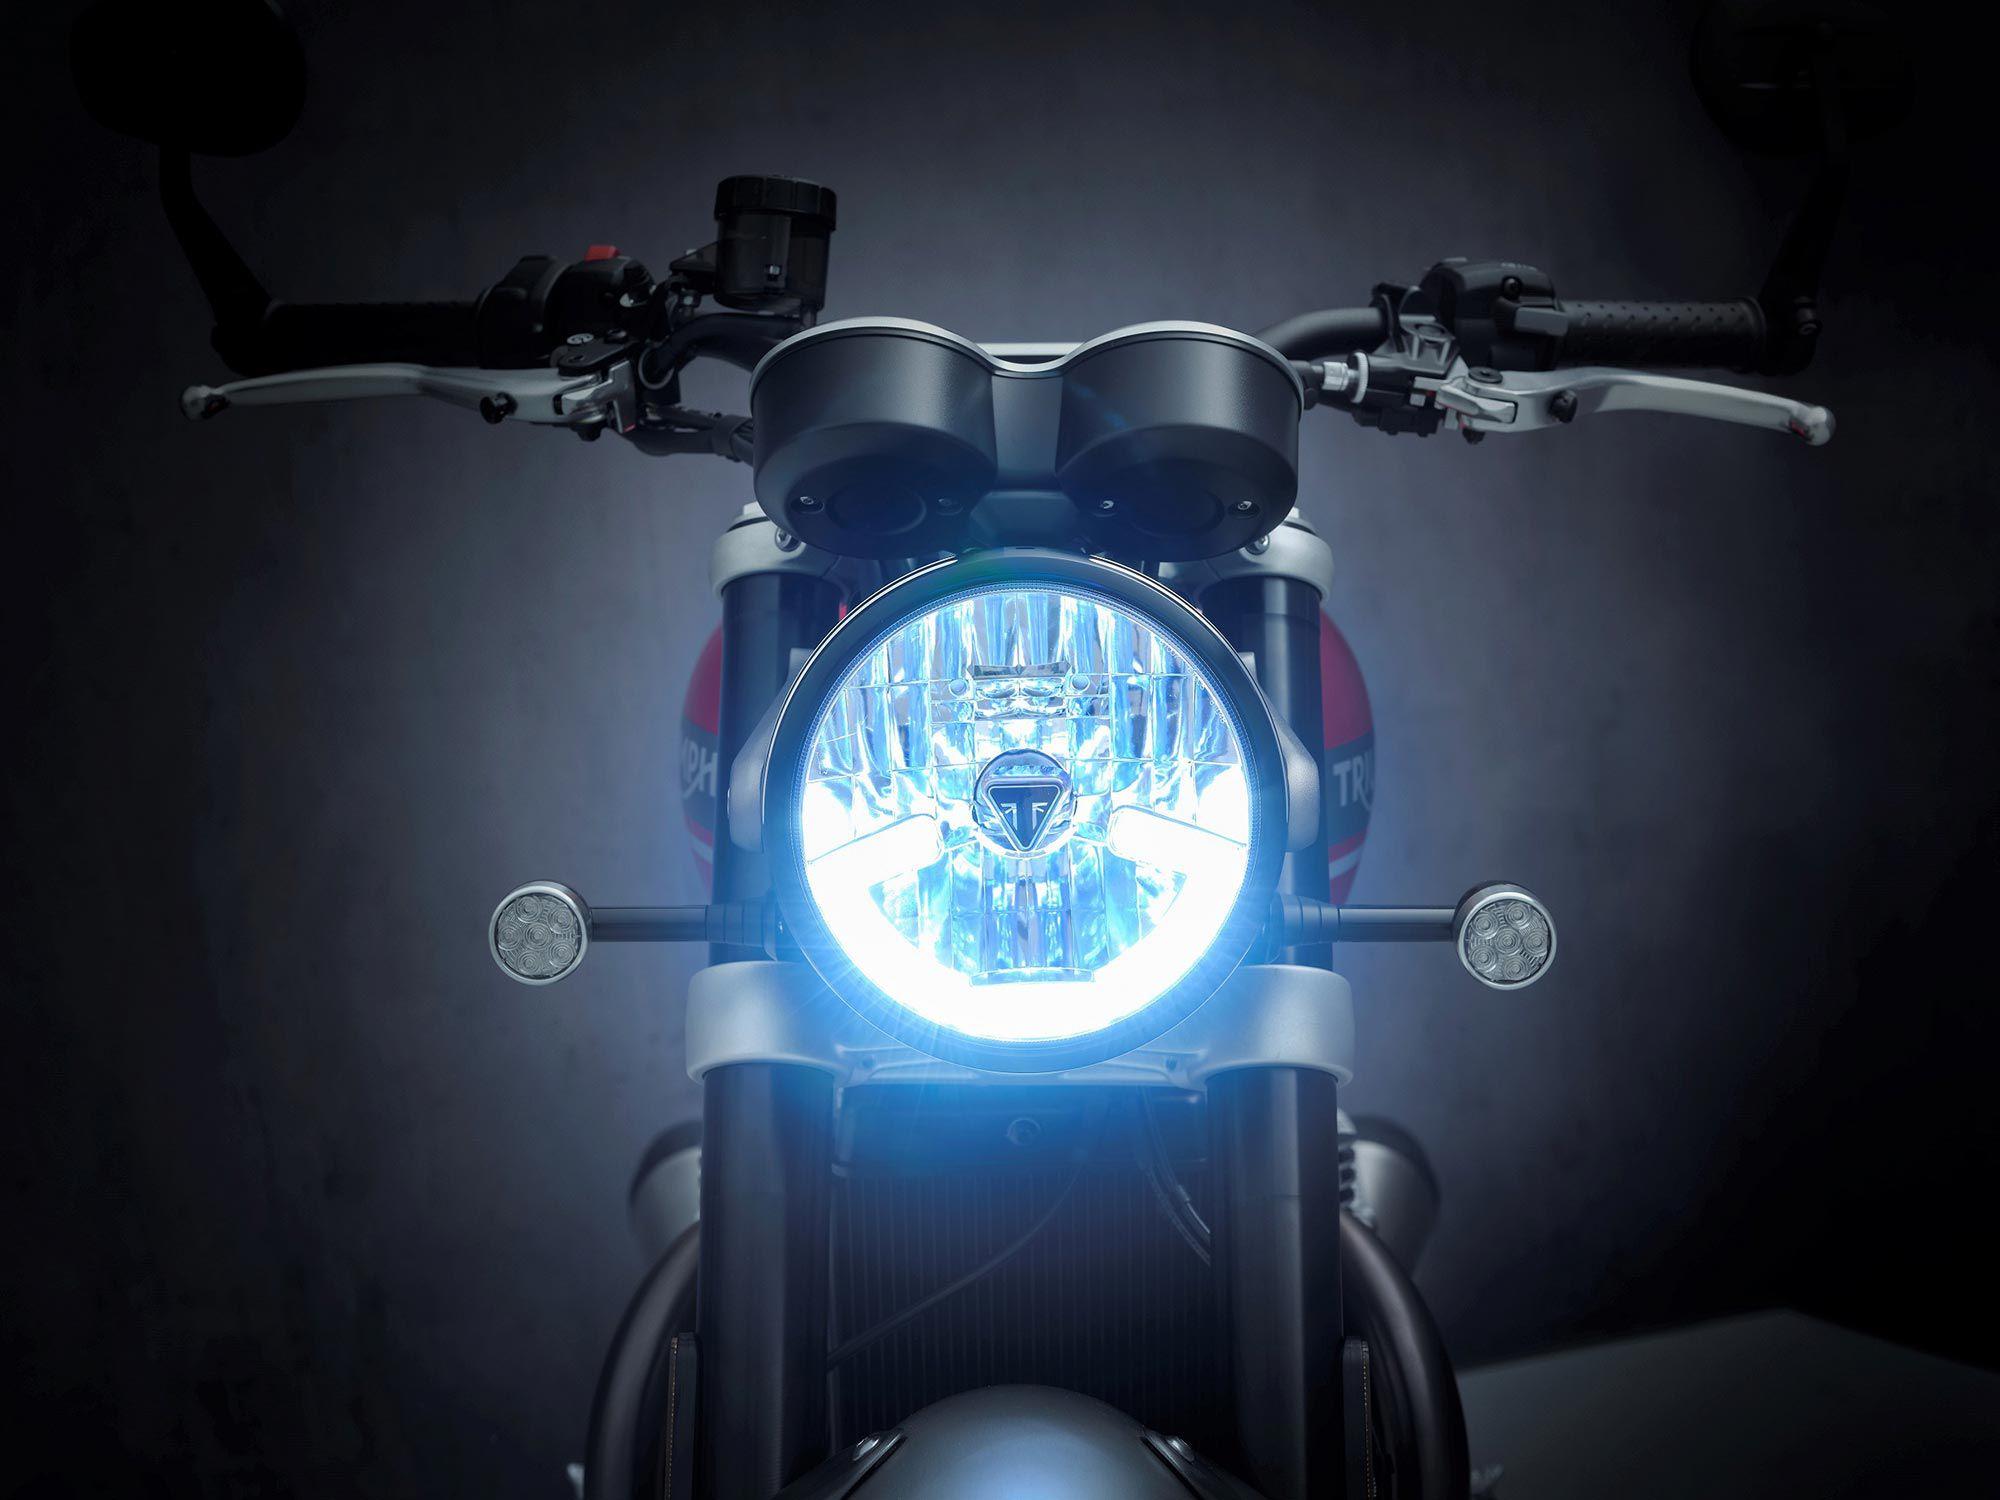 Zowel in de koplamp als in de achterunit verschijnen nieuwe LED's.